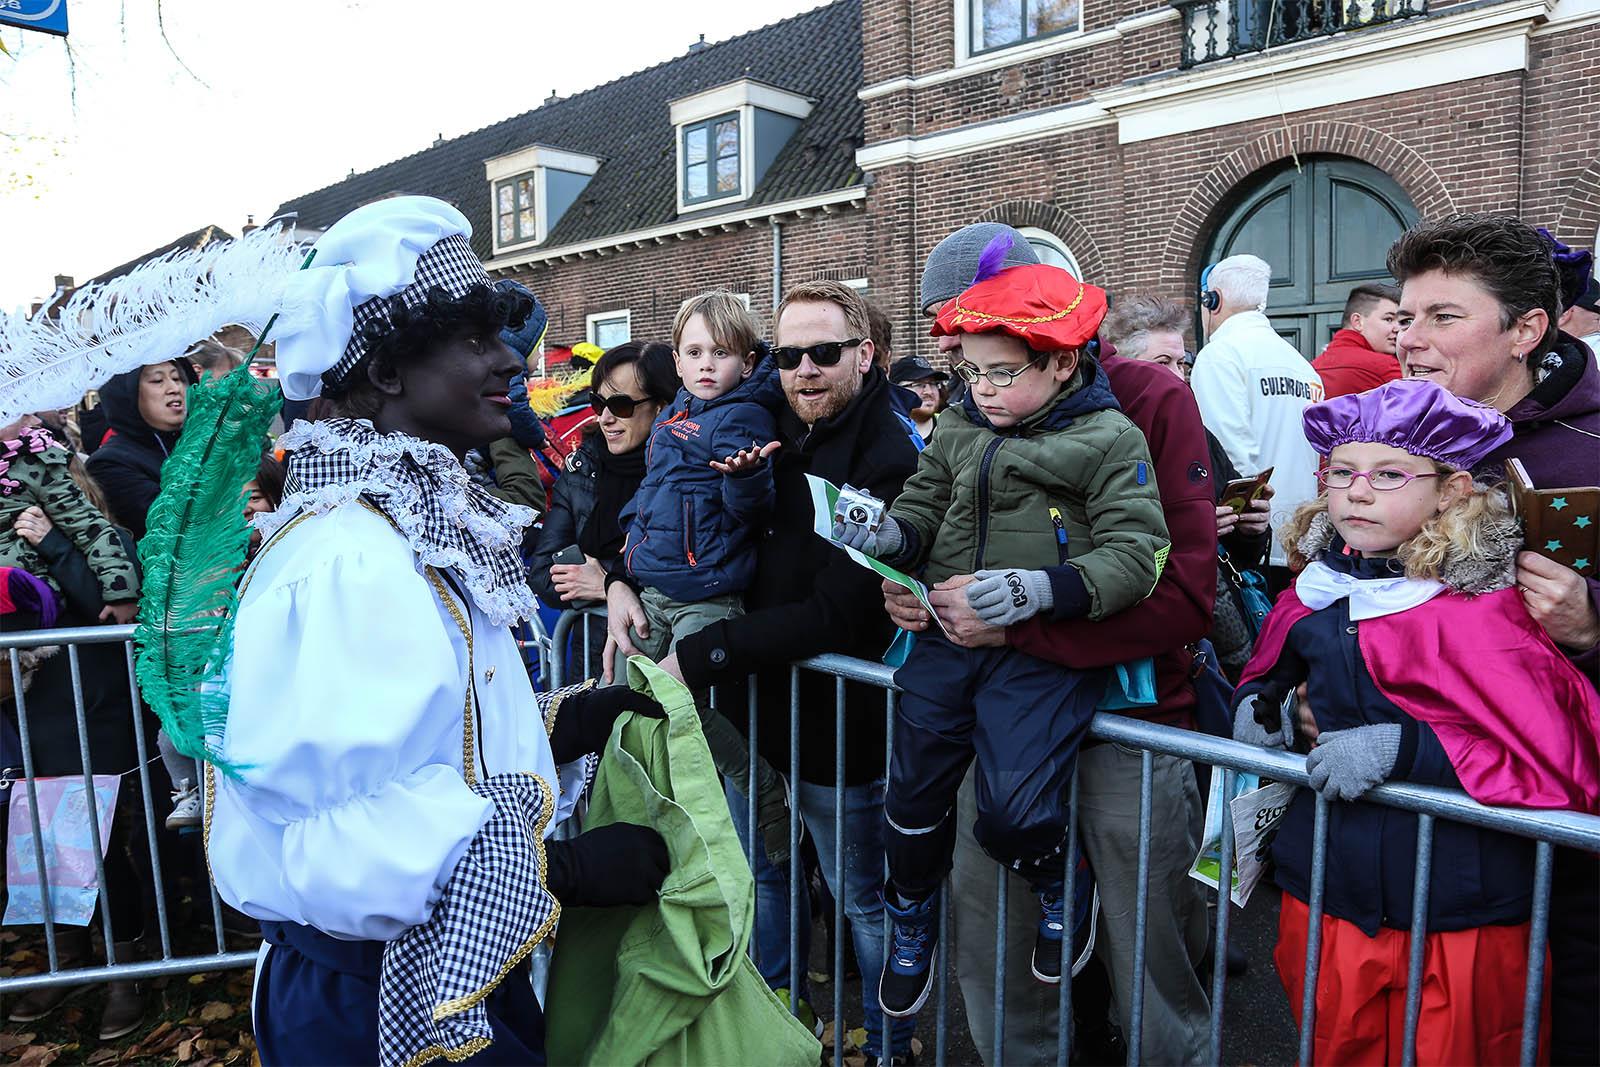 culemborg intocht sinterklaas 2018_0004_©John Verhagen-Sinterklaas 2018-0301.jpg